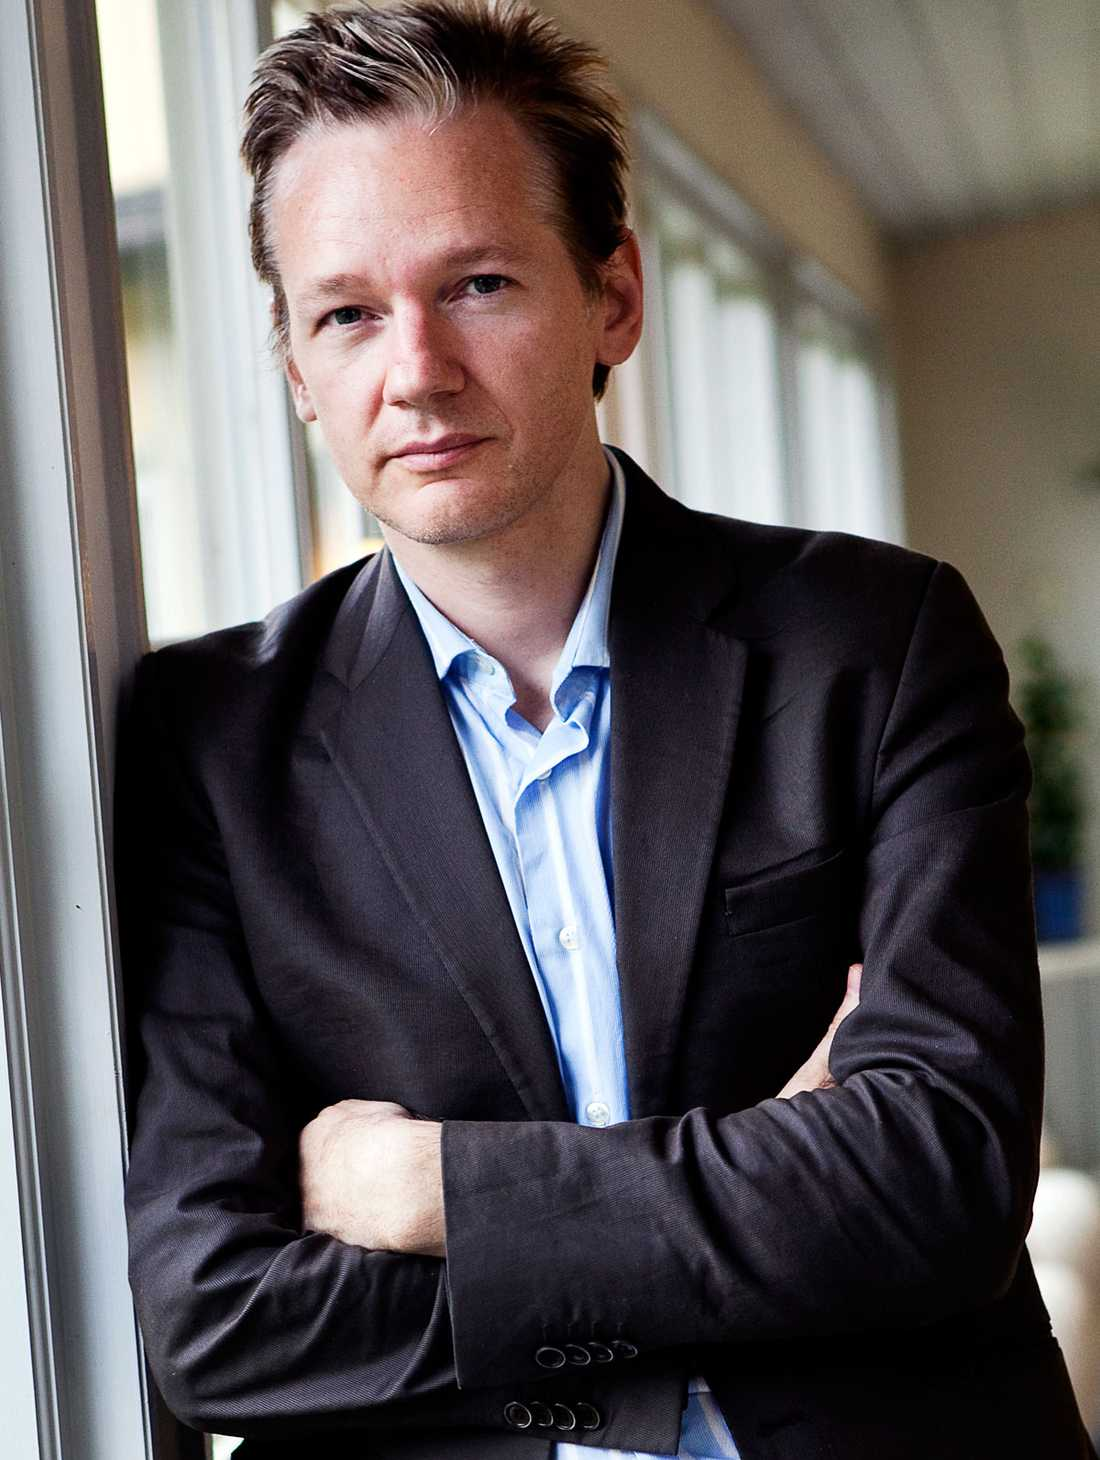 Nyheten om att Julian Assange misstänks för sexbrott i Sverige blev en världsnyhet. Nu funderar Wikileaksgrundaren på att stämma svenska staten.